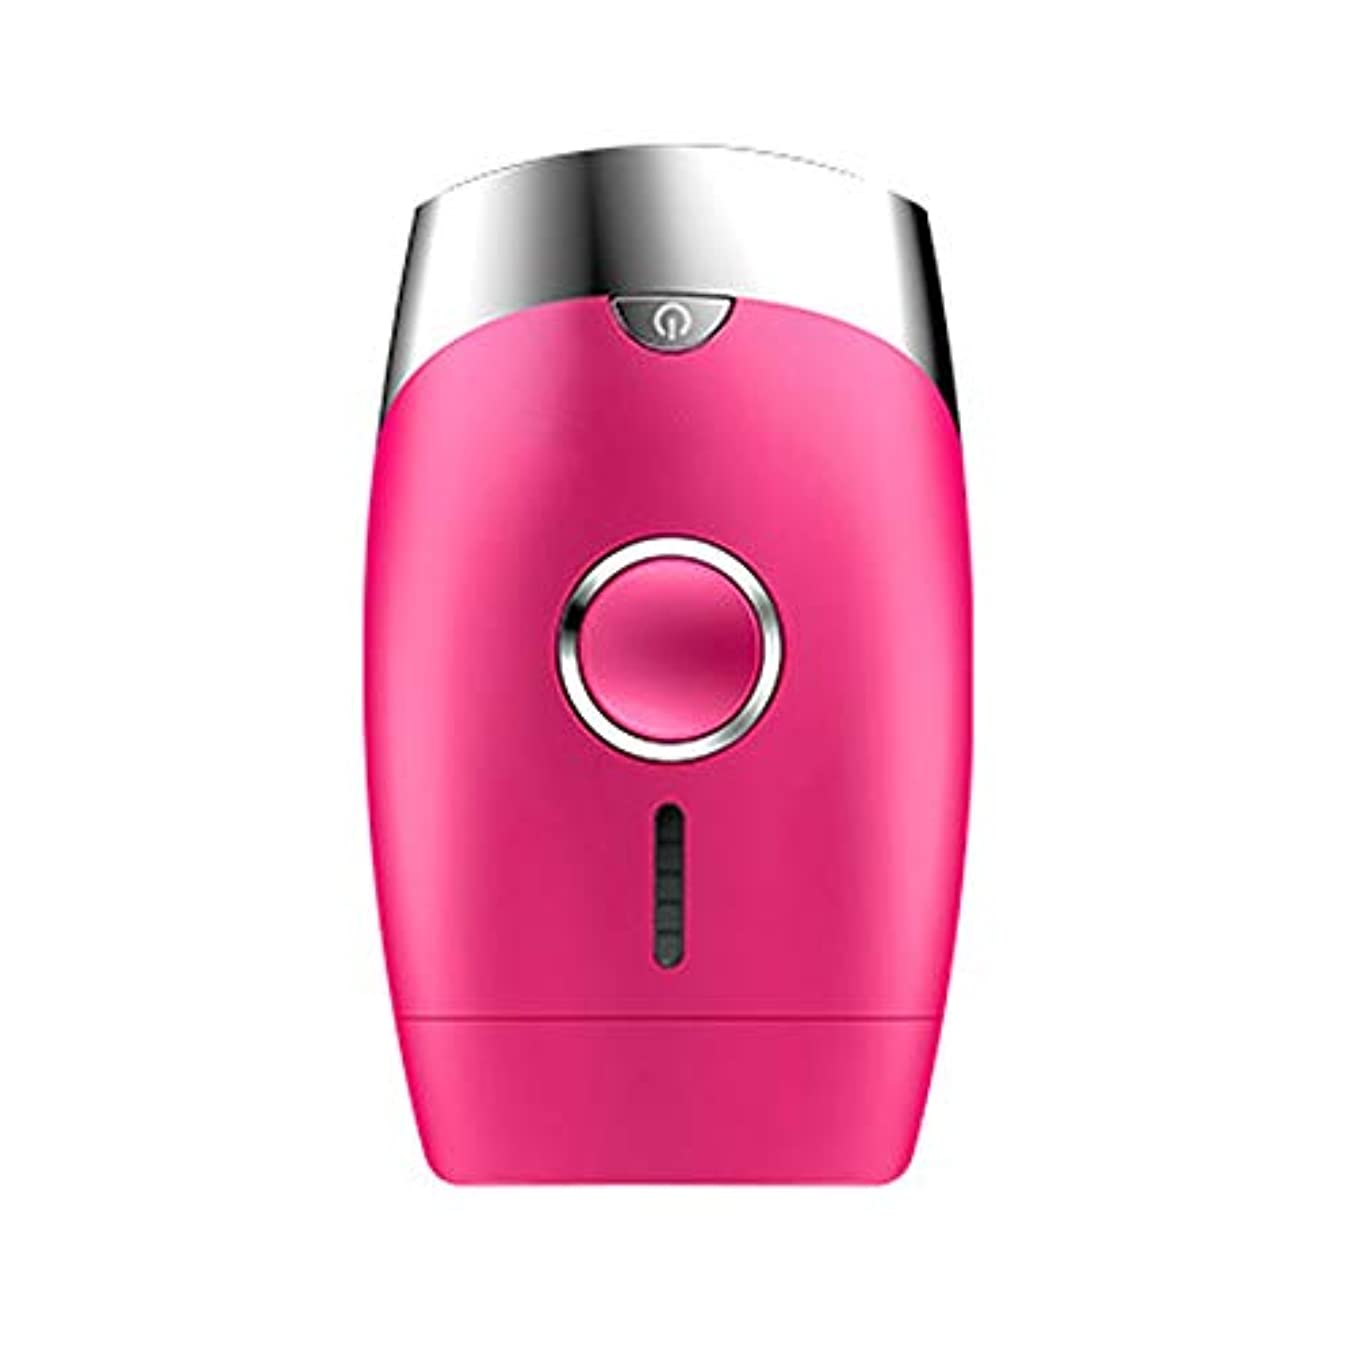 アルファベット順指紋債務者Xihouxian ピンク、5スピード調整、インテリジェント家庭用痛みのない凝固点ヘアリムーバー、シングルフラッシュ/連続フラッシュ、サイズ13.9 X 8.3 X 4.8 Cm D40 (Color : Pink)